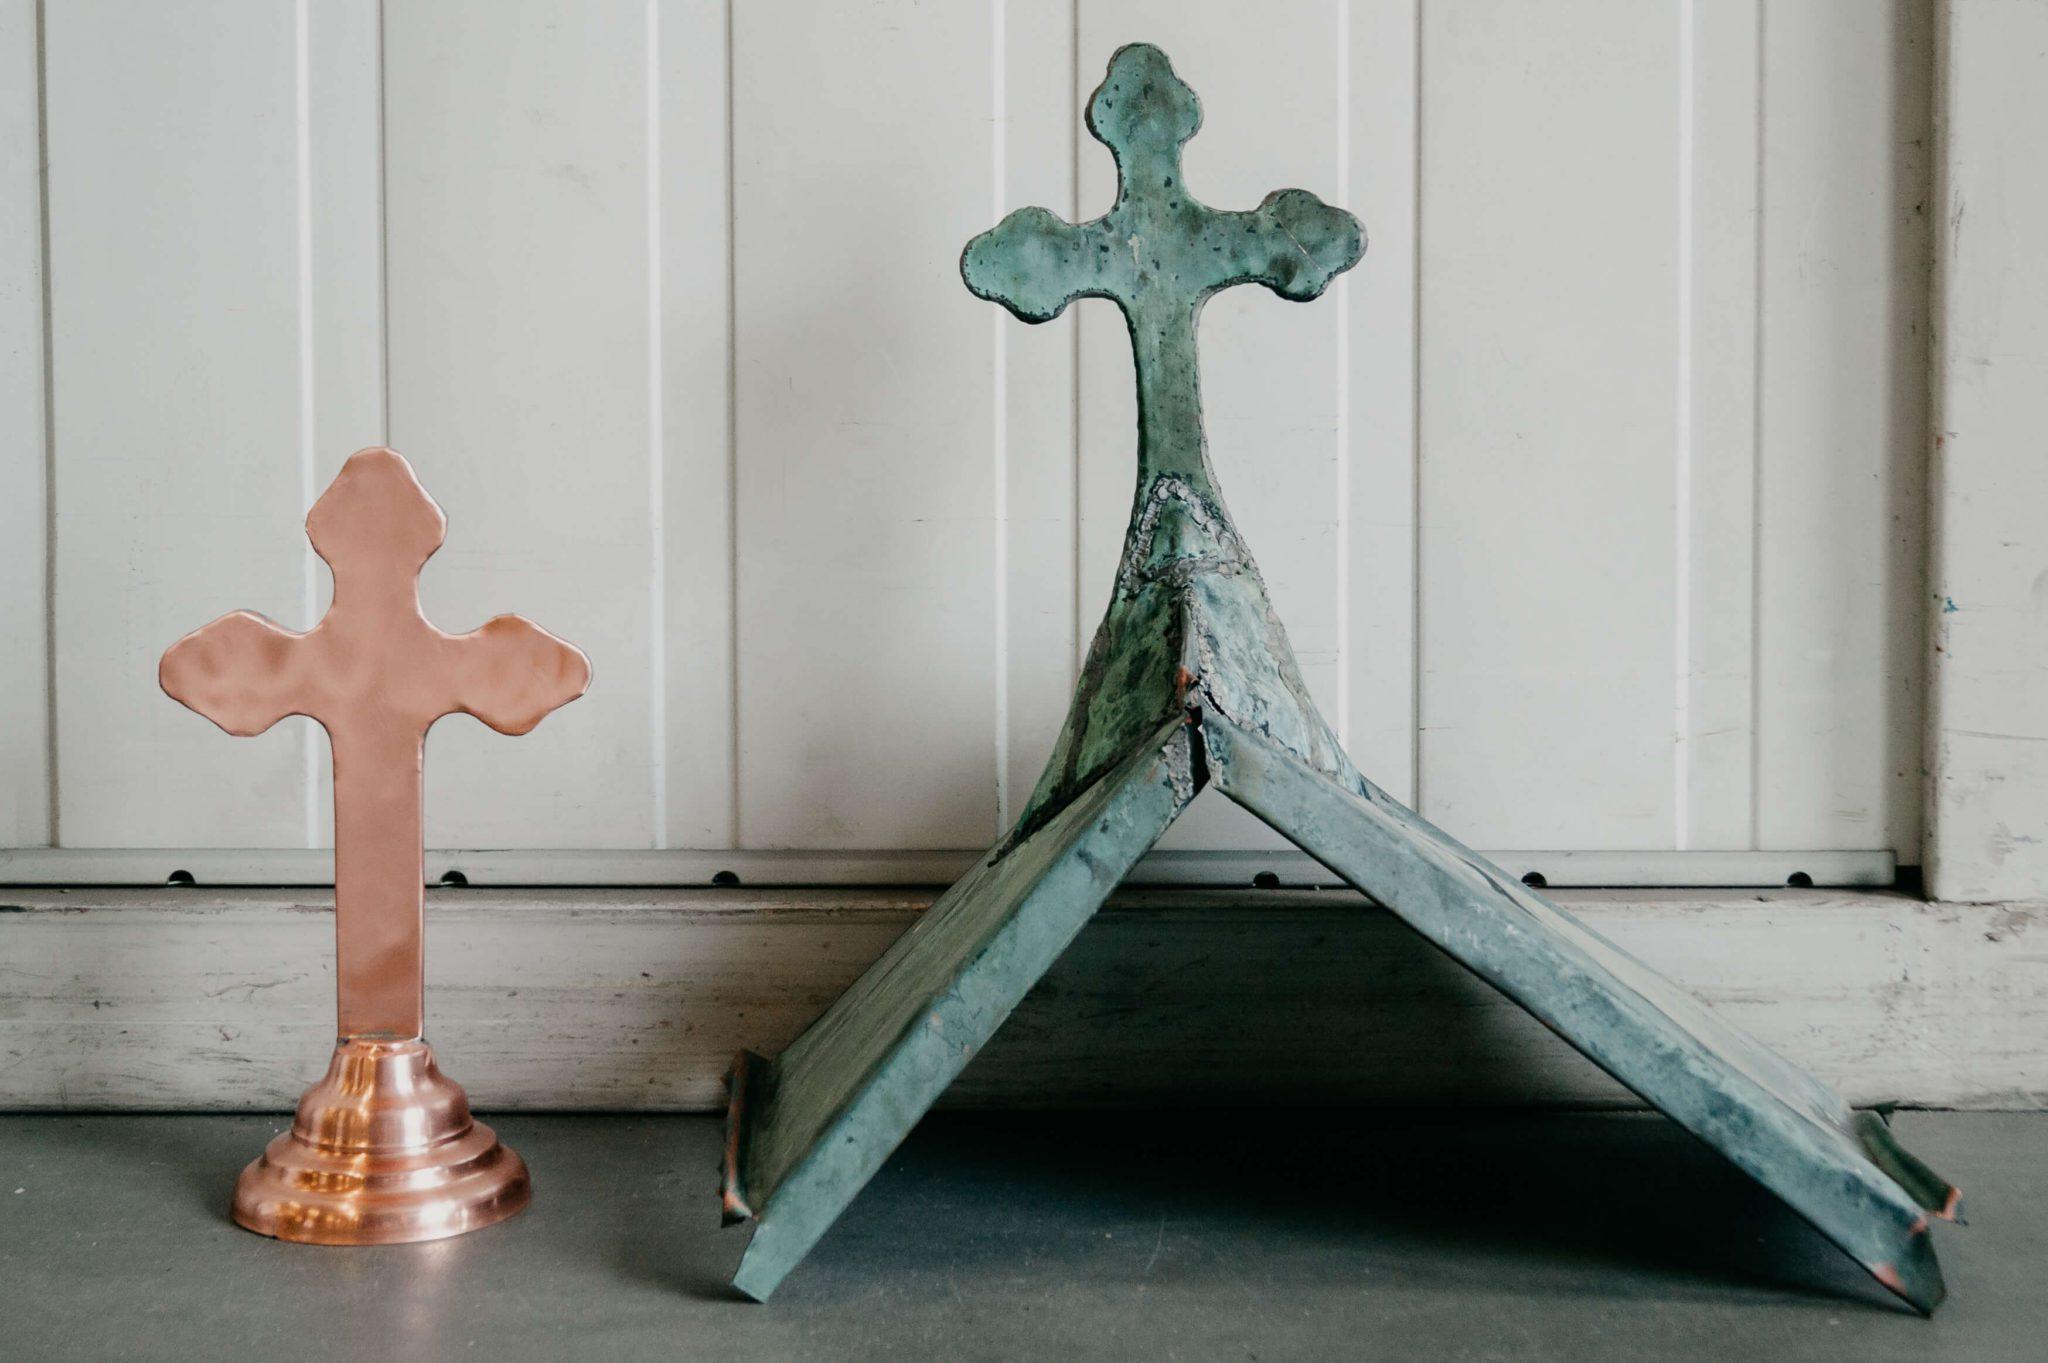 rekonstrukcja krzyża - rekonstrukcja krzyza